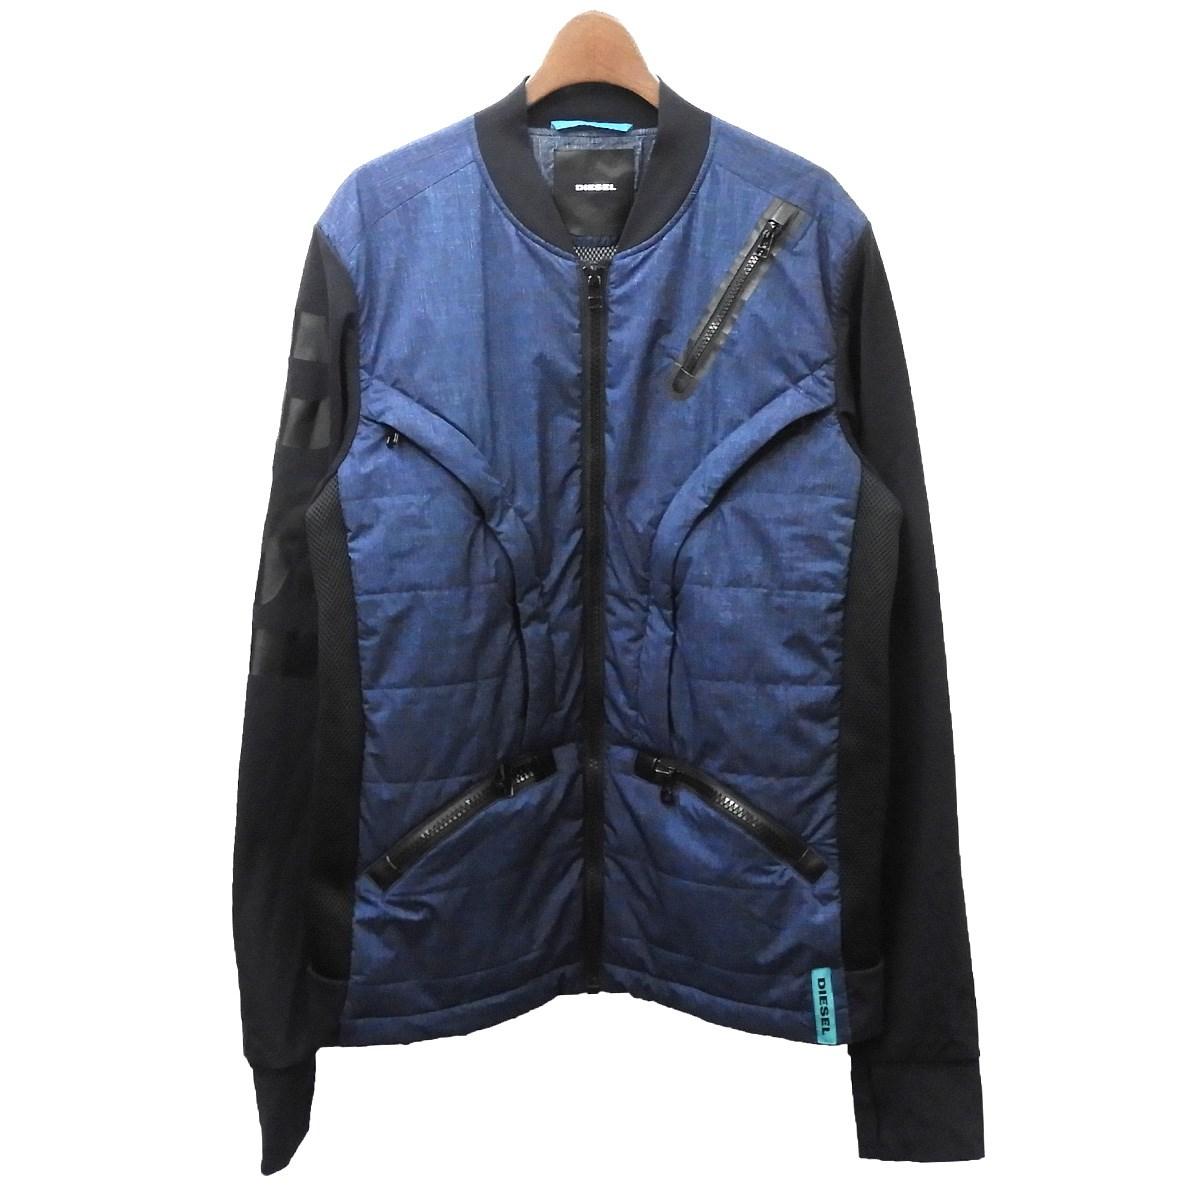 【中古】DIESEL 中綿ジップジャケット ネイビー サイズ:XL 【110420】(ディーゼル)